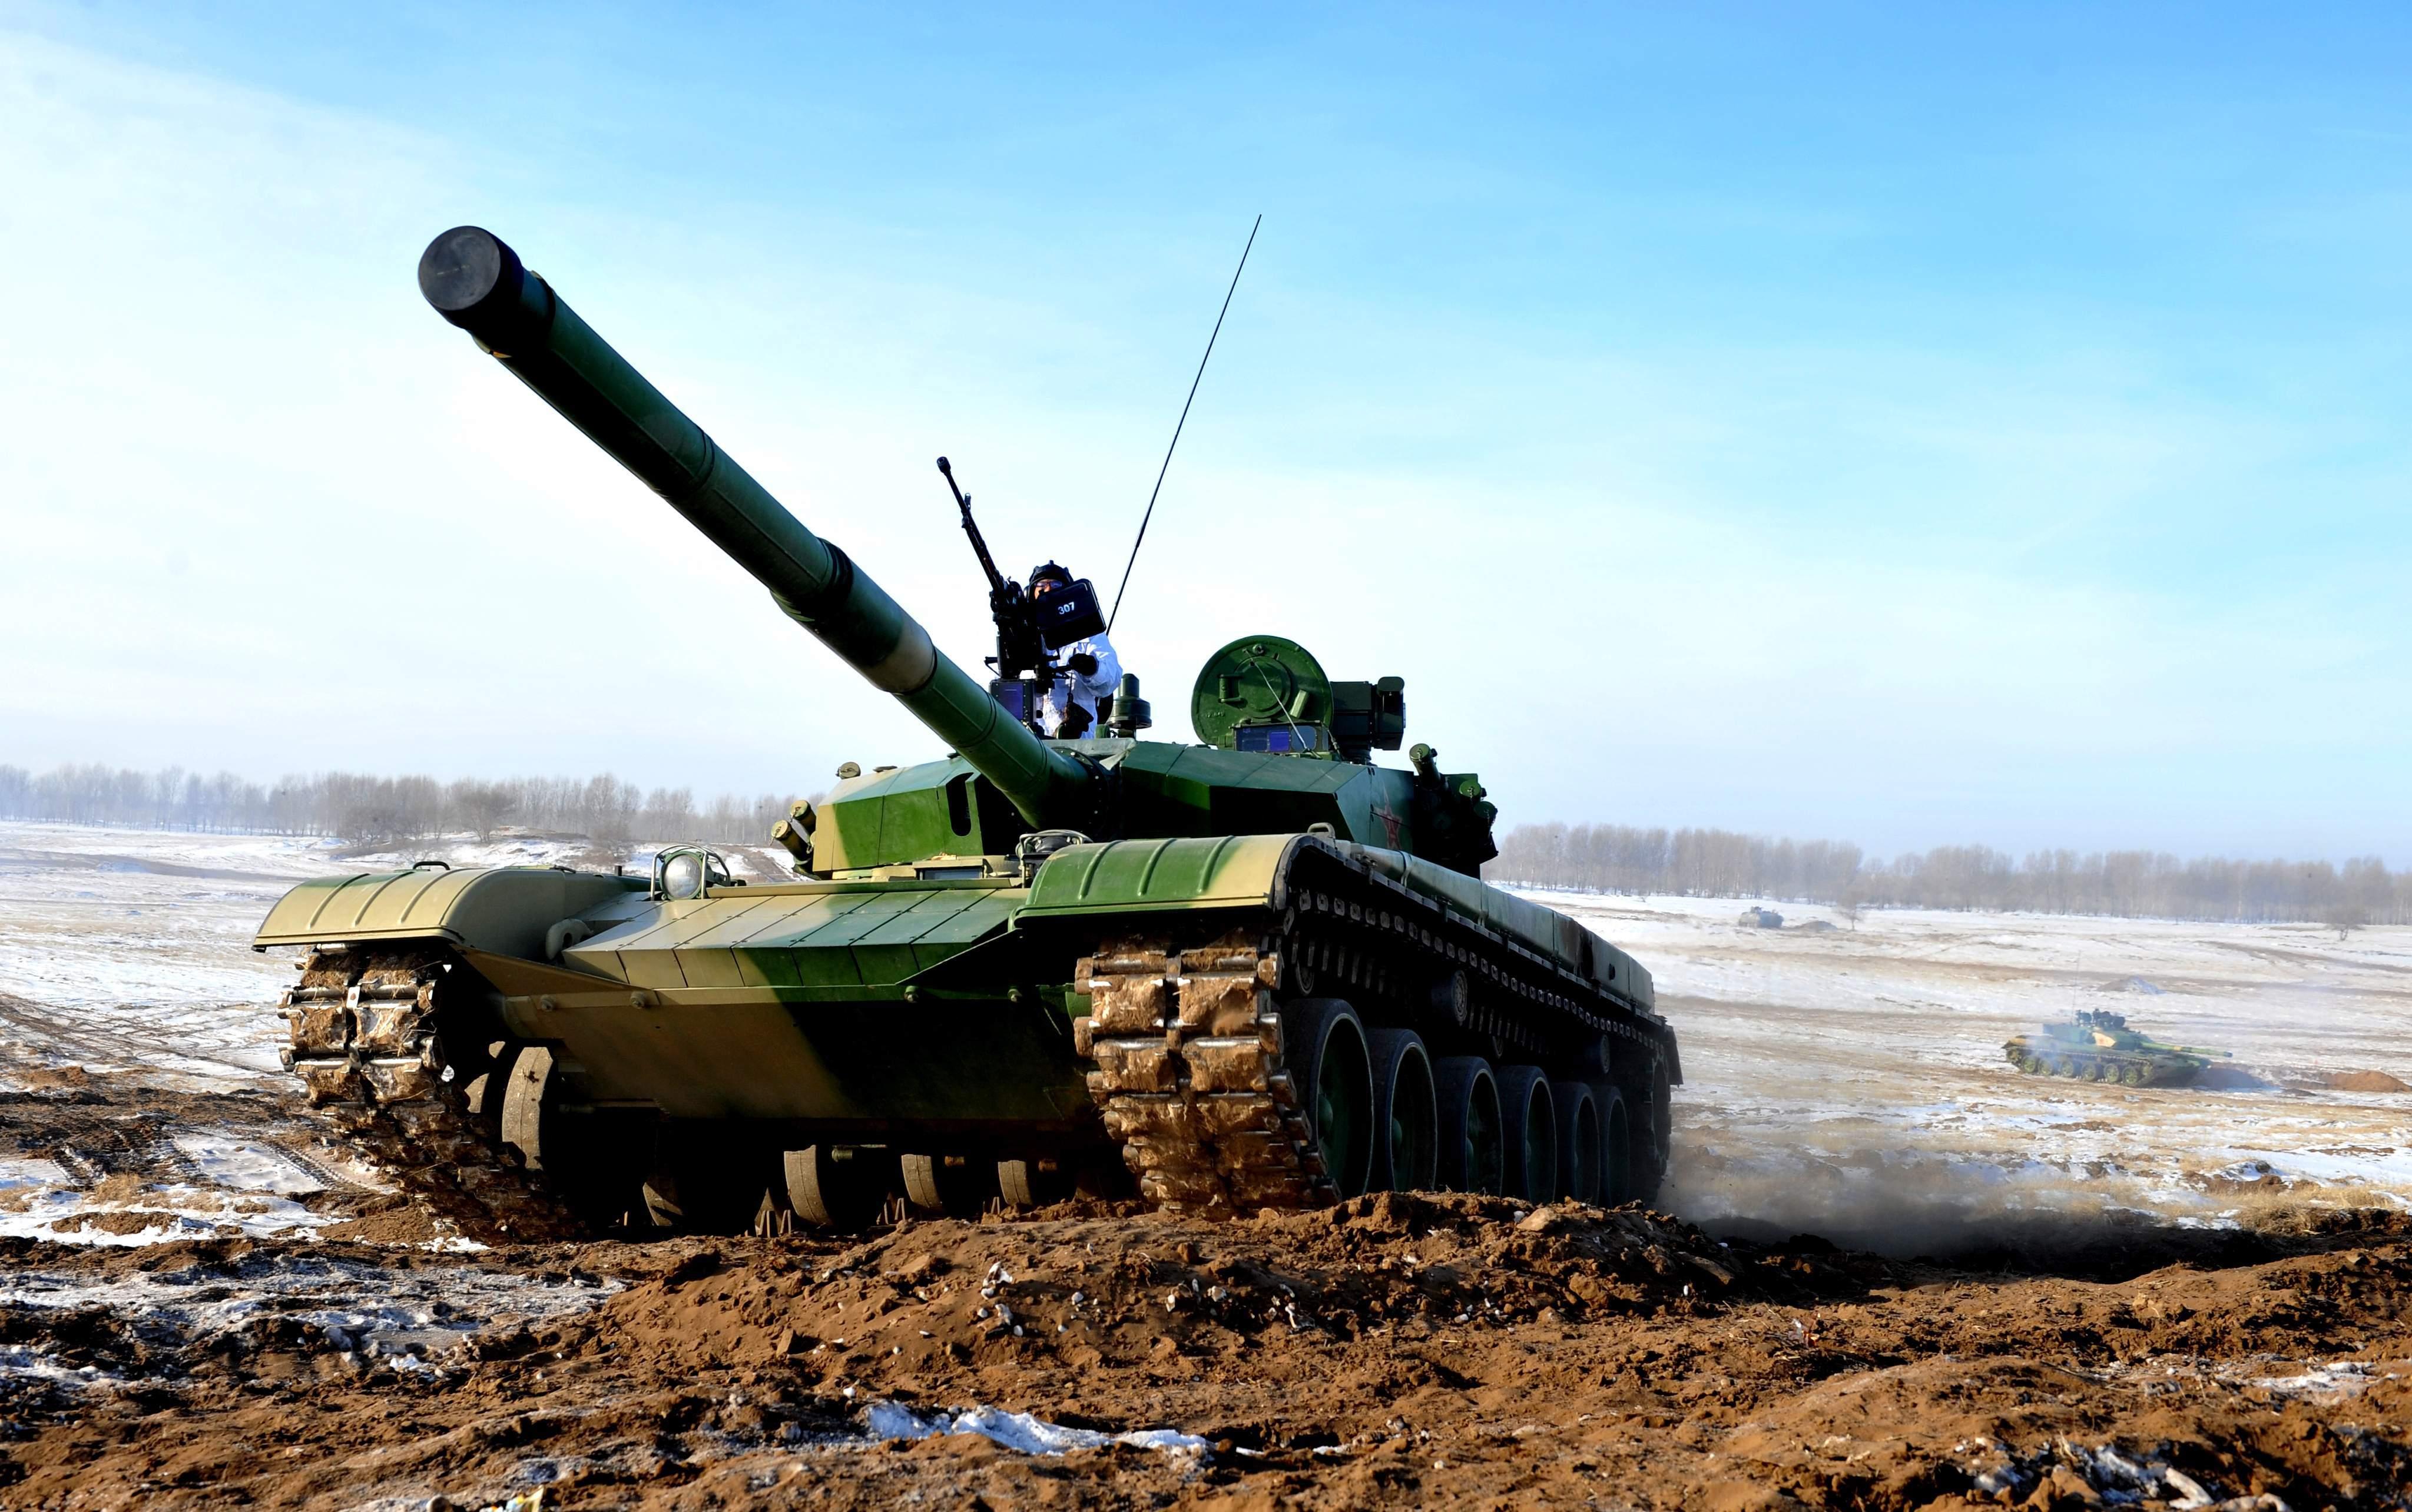 铁甲战车雪地狂飙,解放军冬季训练重装上阵